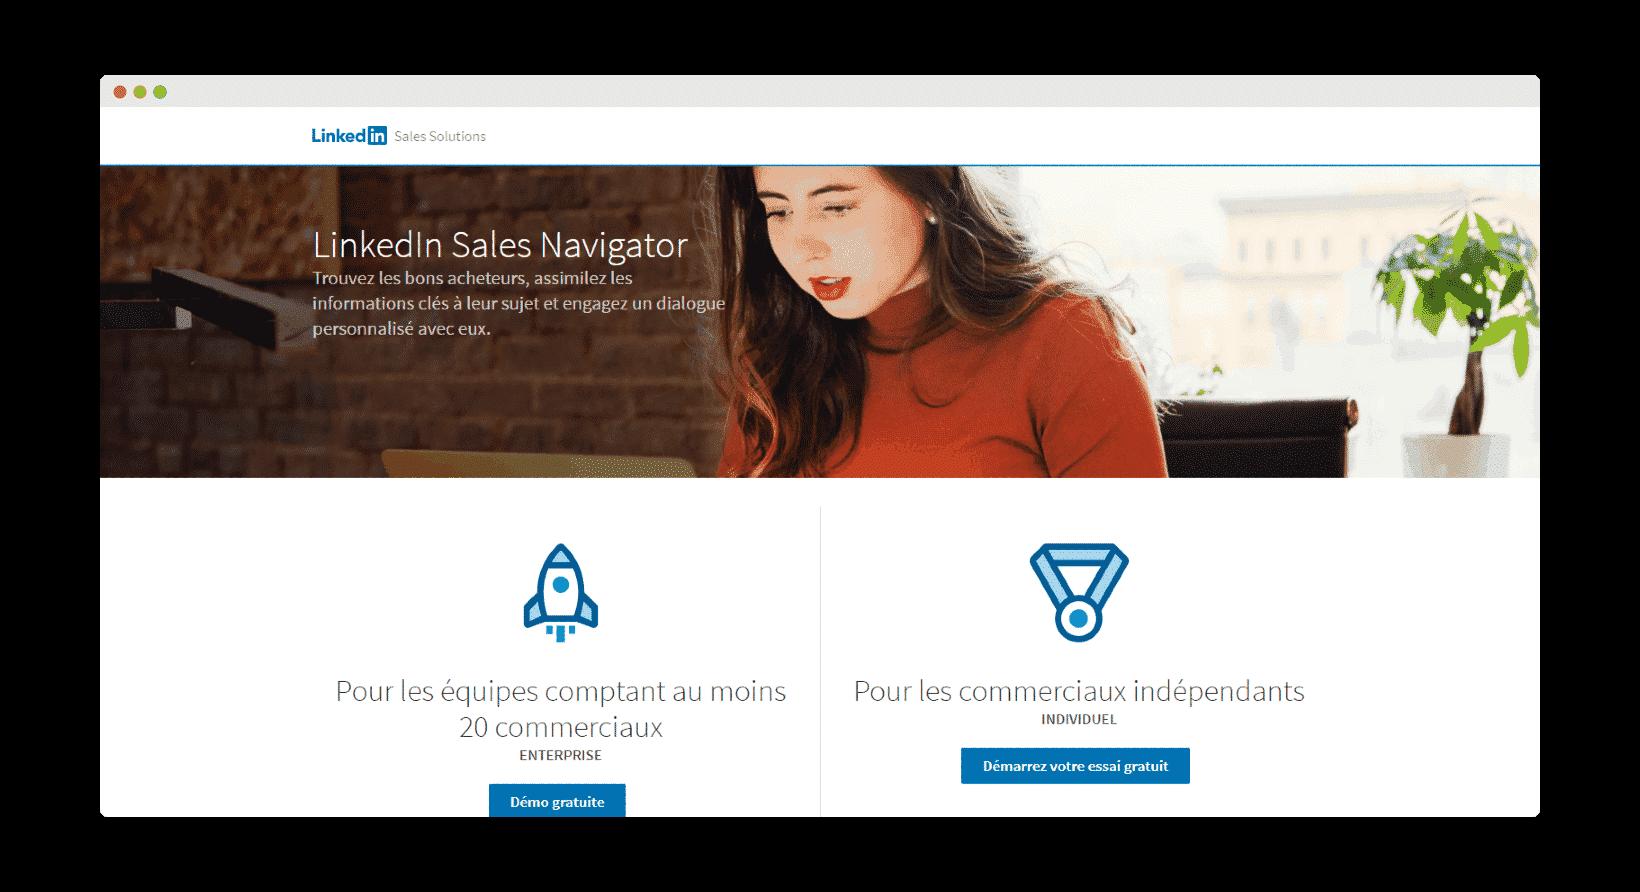 LinkedIn SalesNavigator